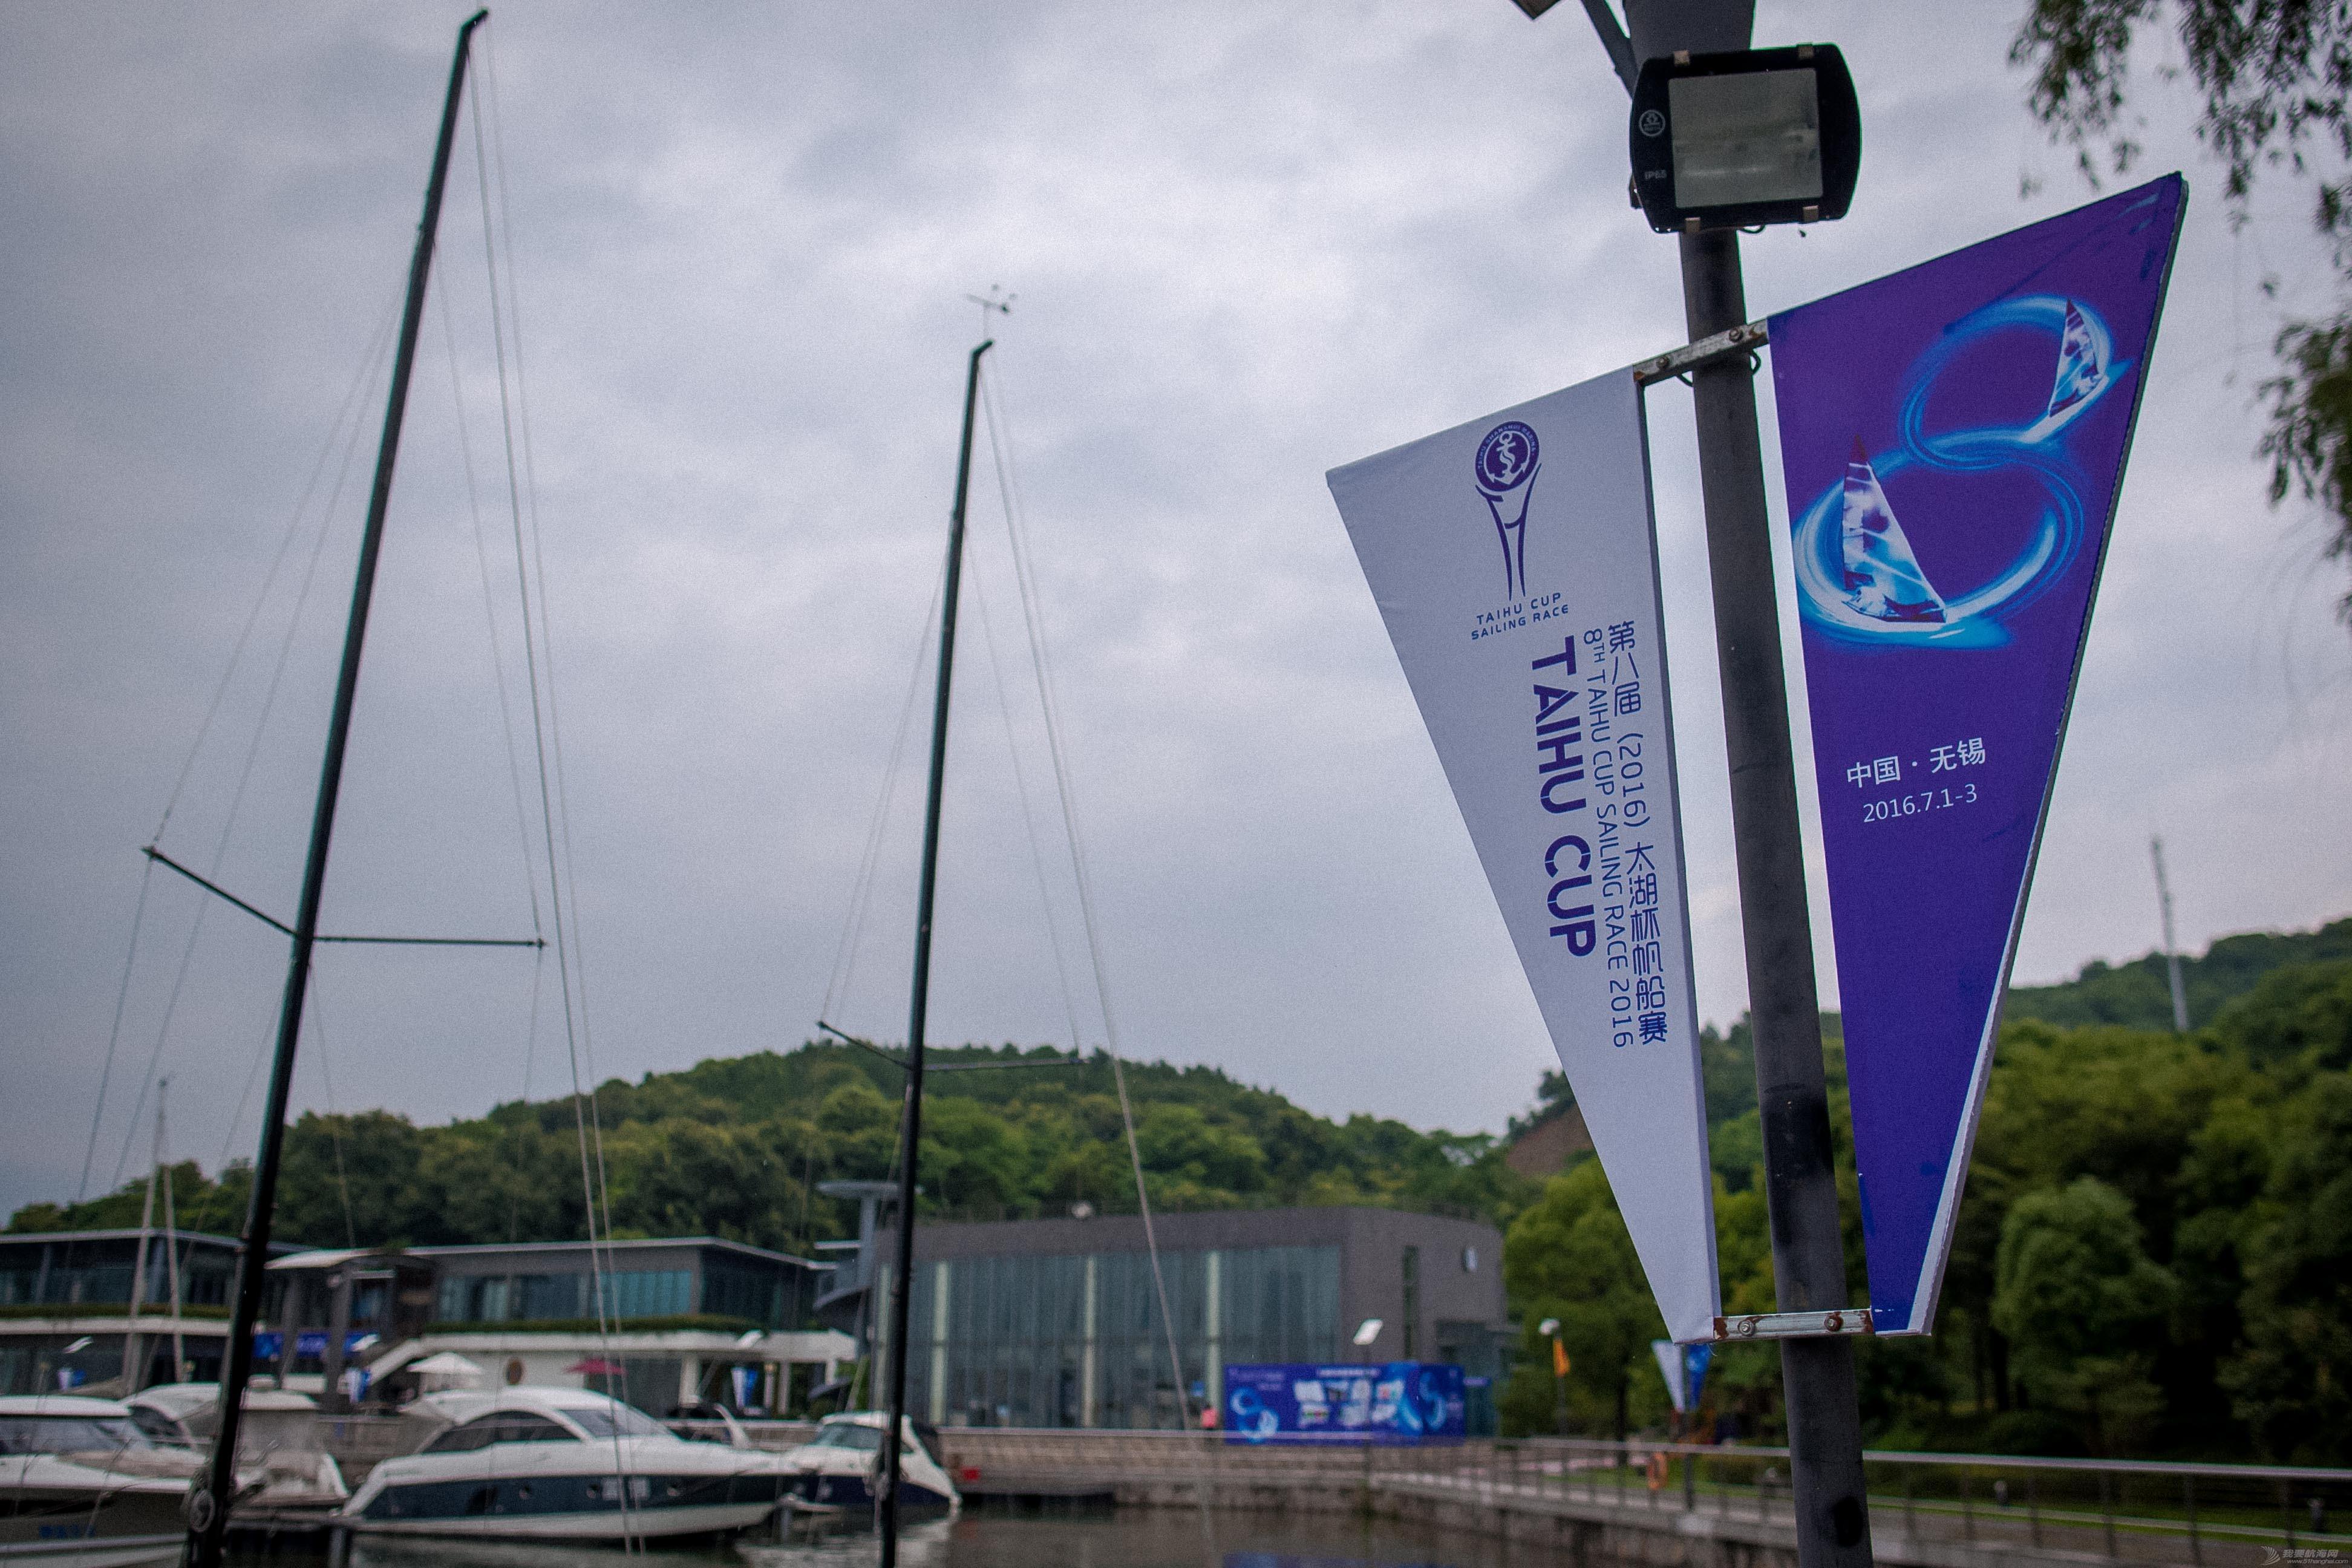 水上运动,帆船运动,米吉提,管理中心,无锡市 顶级船队再战太湖心 , 中国最大内湖帆船赛鸣笛启航